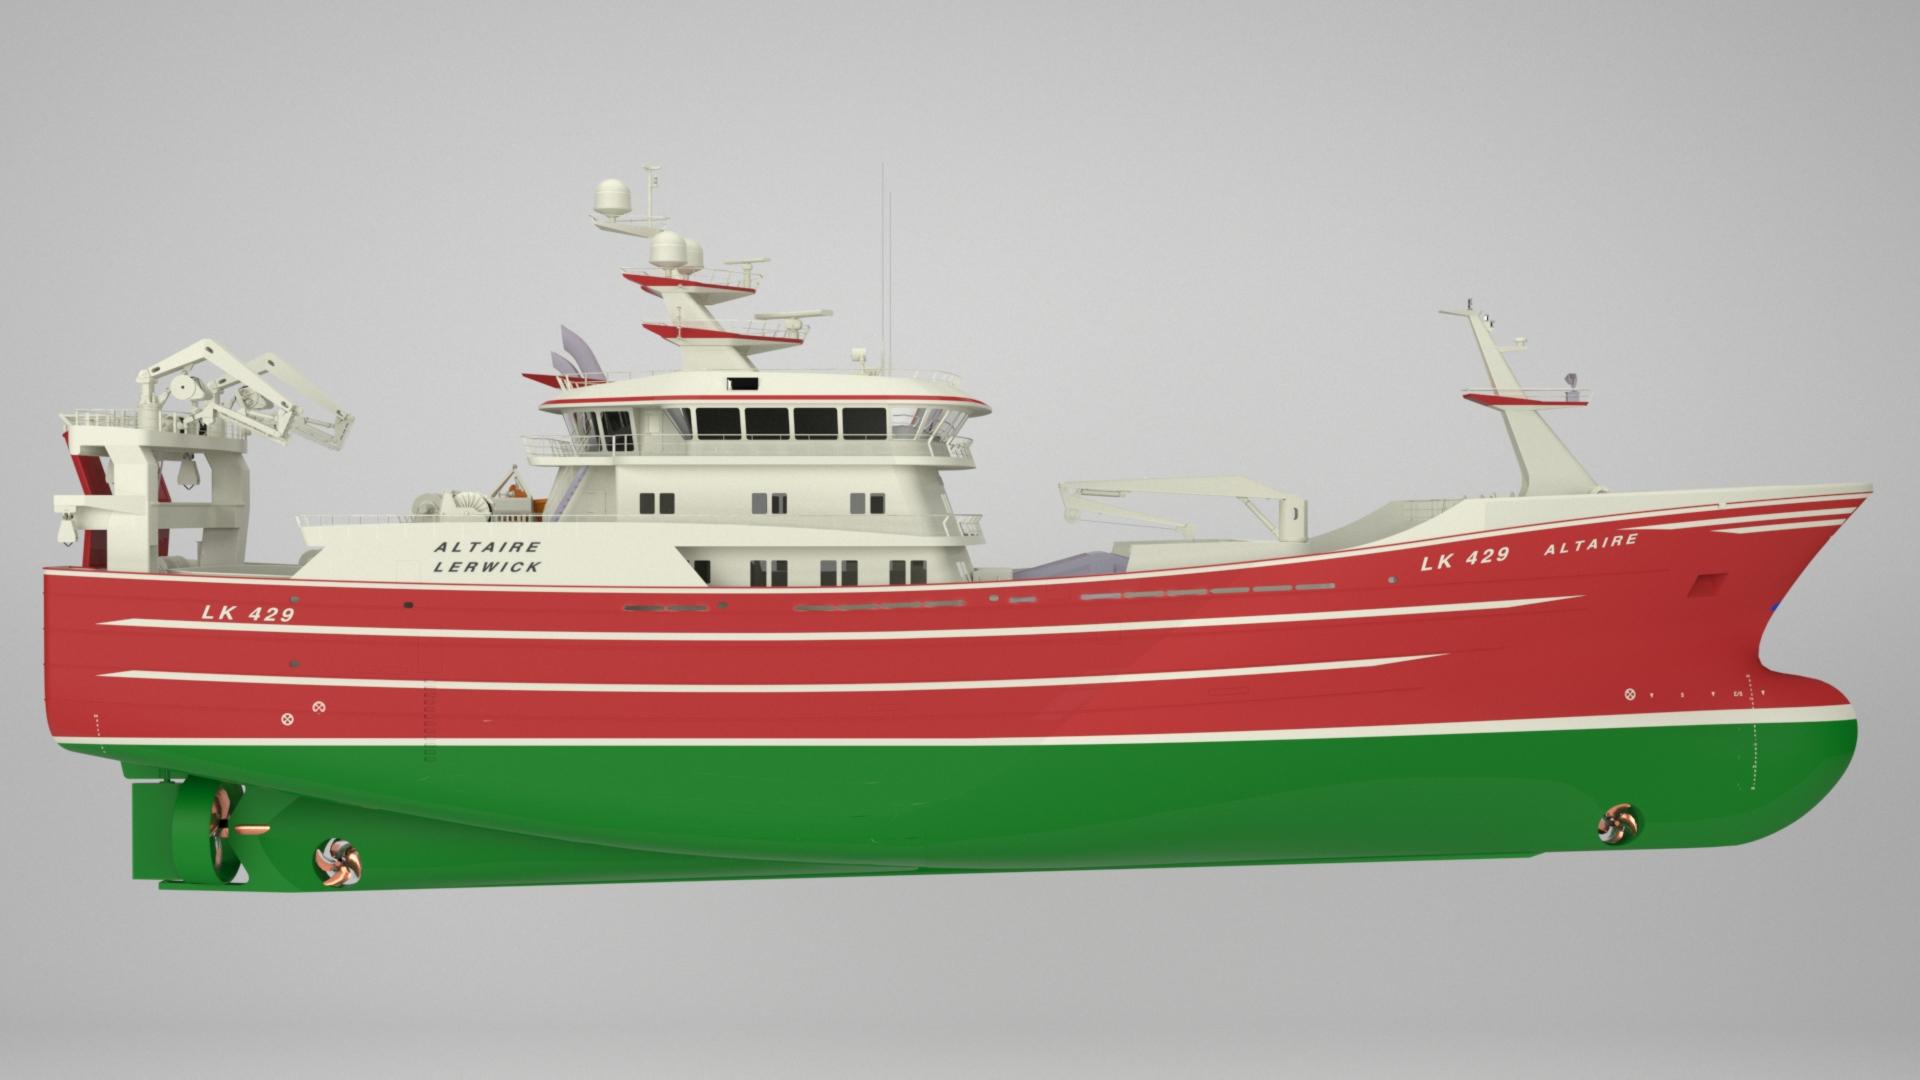 Altaire fishing trawler karstensen